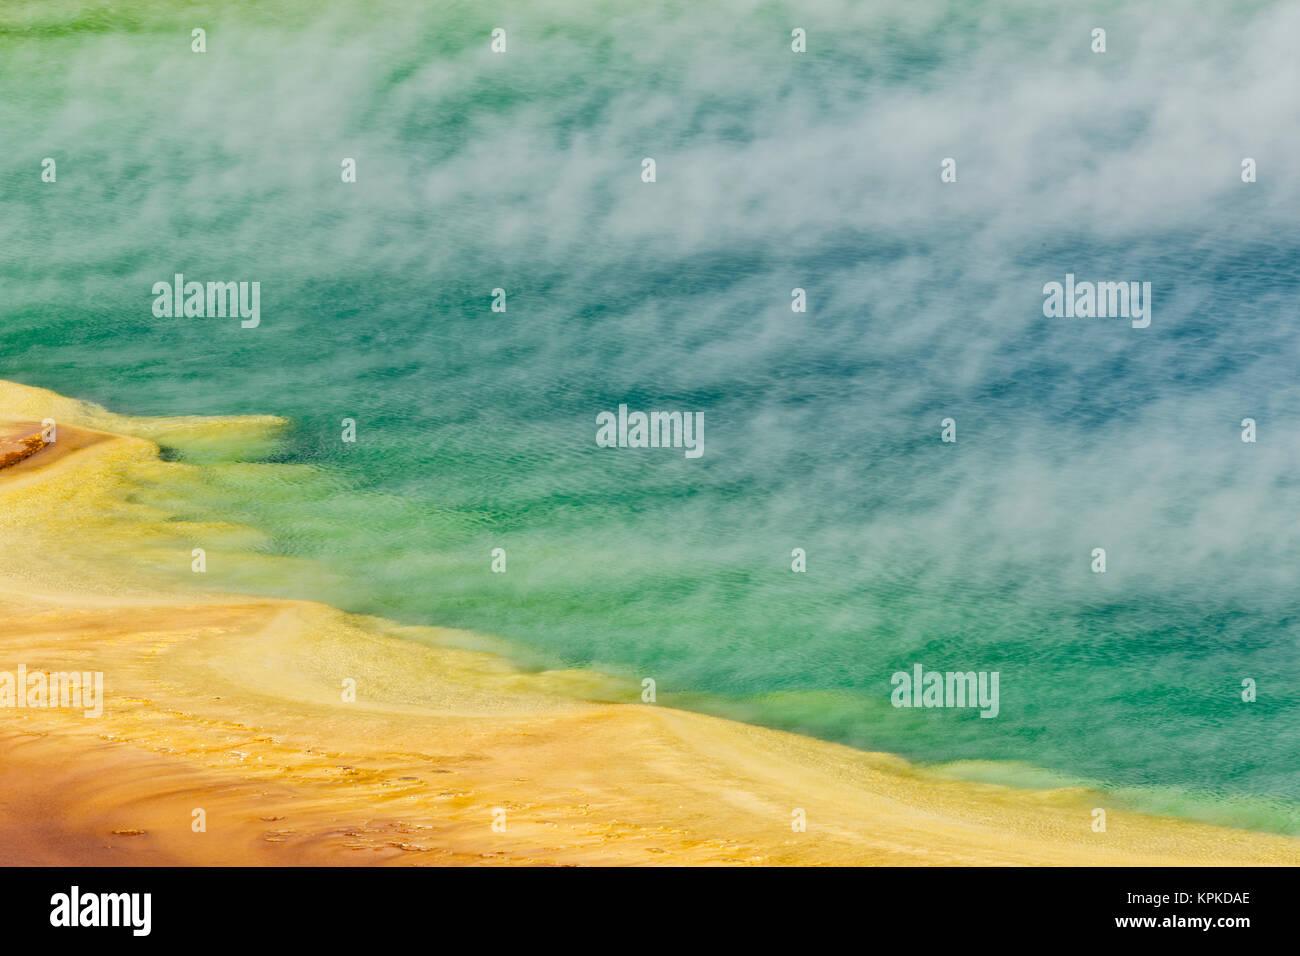 Portrait de Grand Prismatic Spring et les modèles de tapis bactériens, Midway Geyser Basin, Parc National de Yellowstone, Wyoming. Banque D'Images